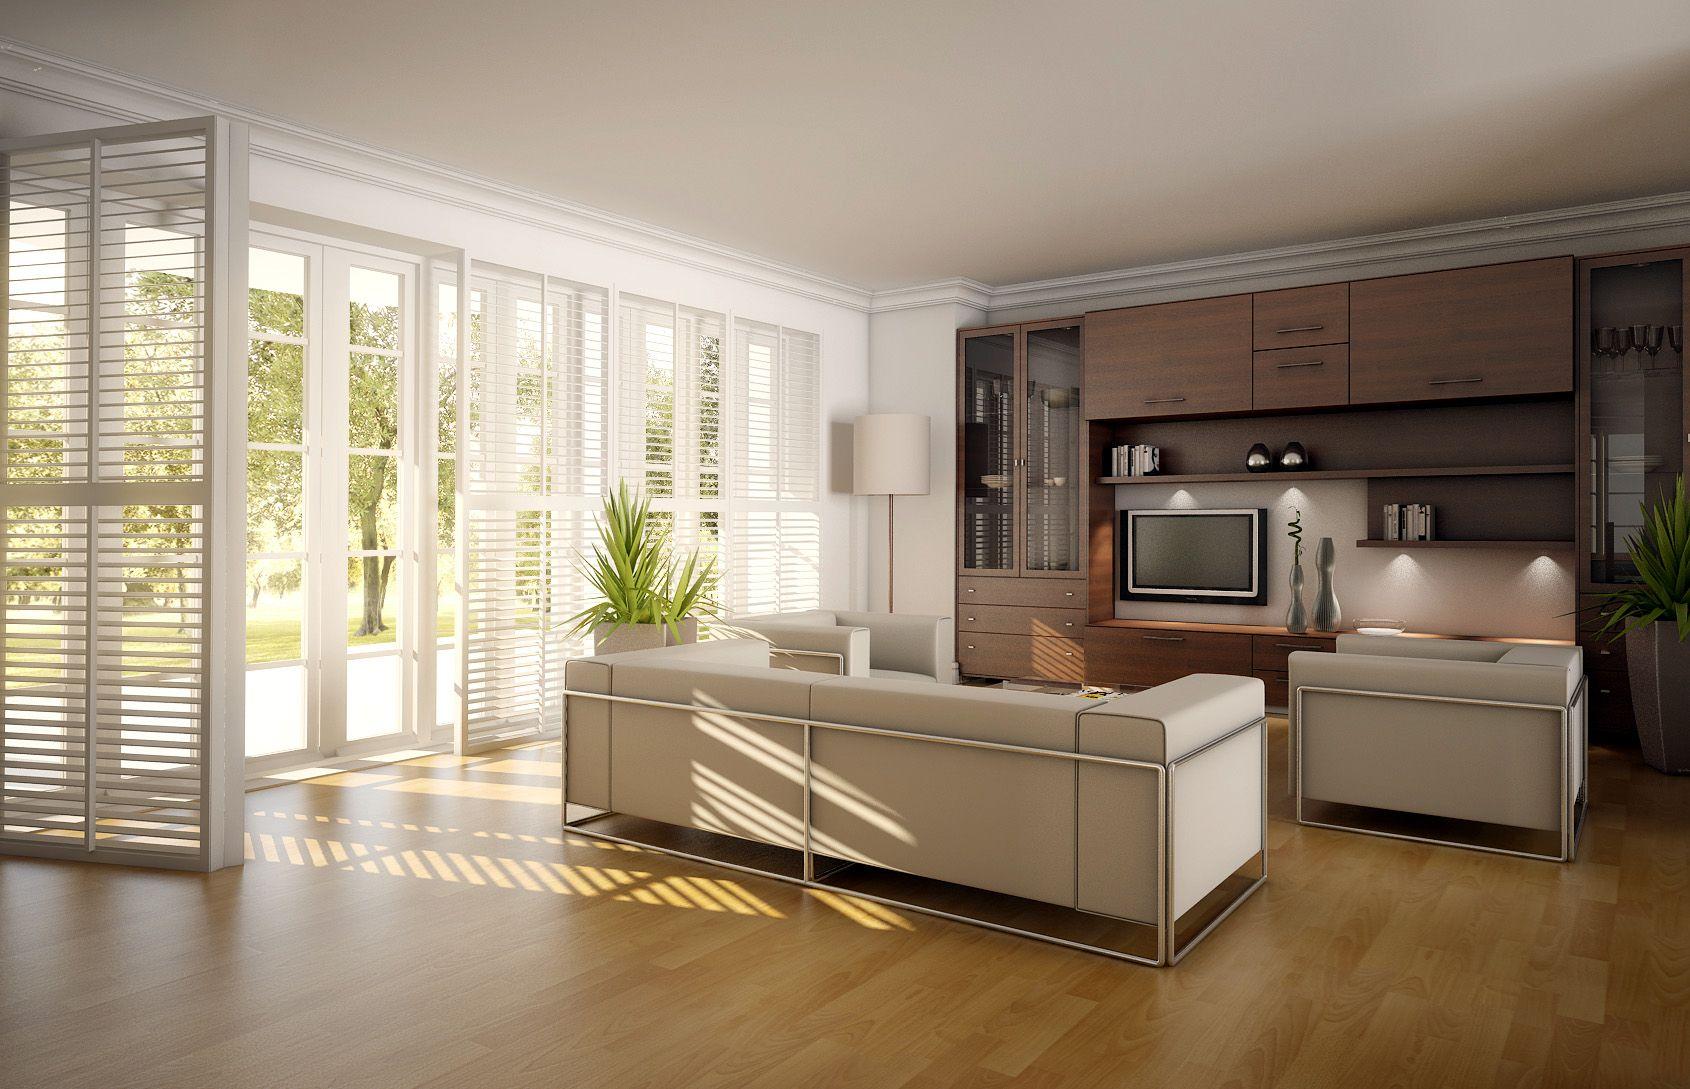 Living Room Design Modern Open Living Room Design : 1690x1089px ...